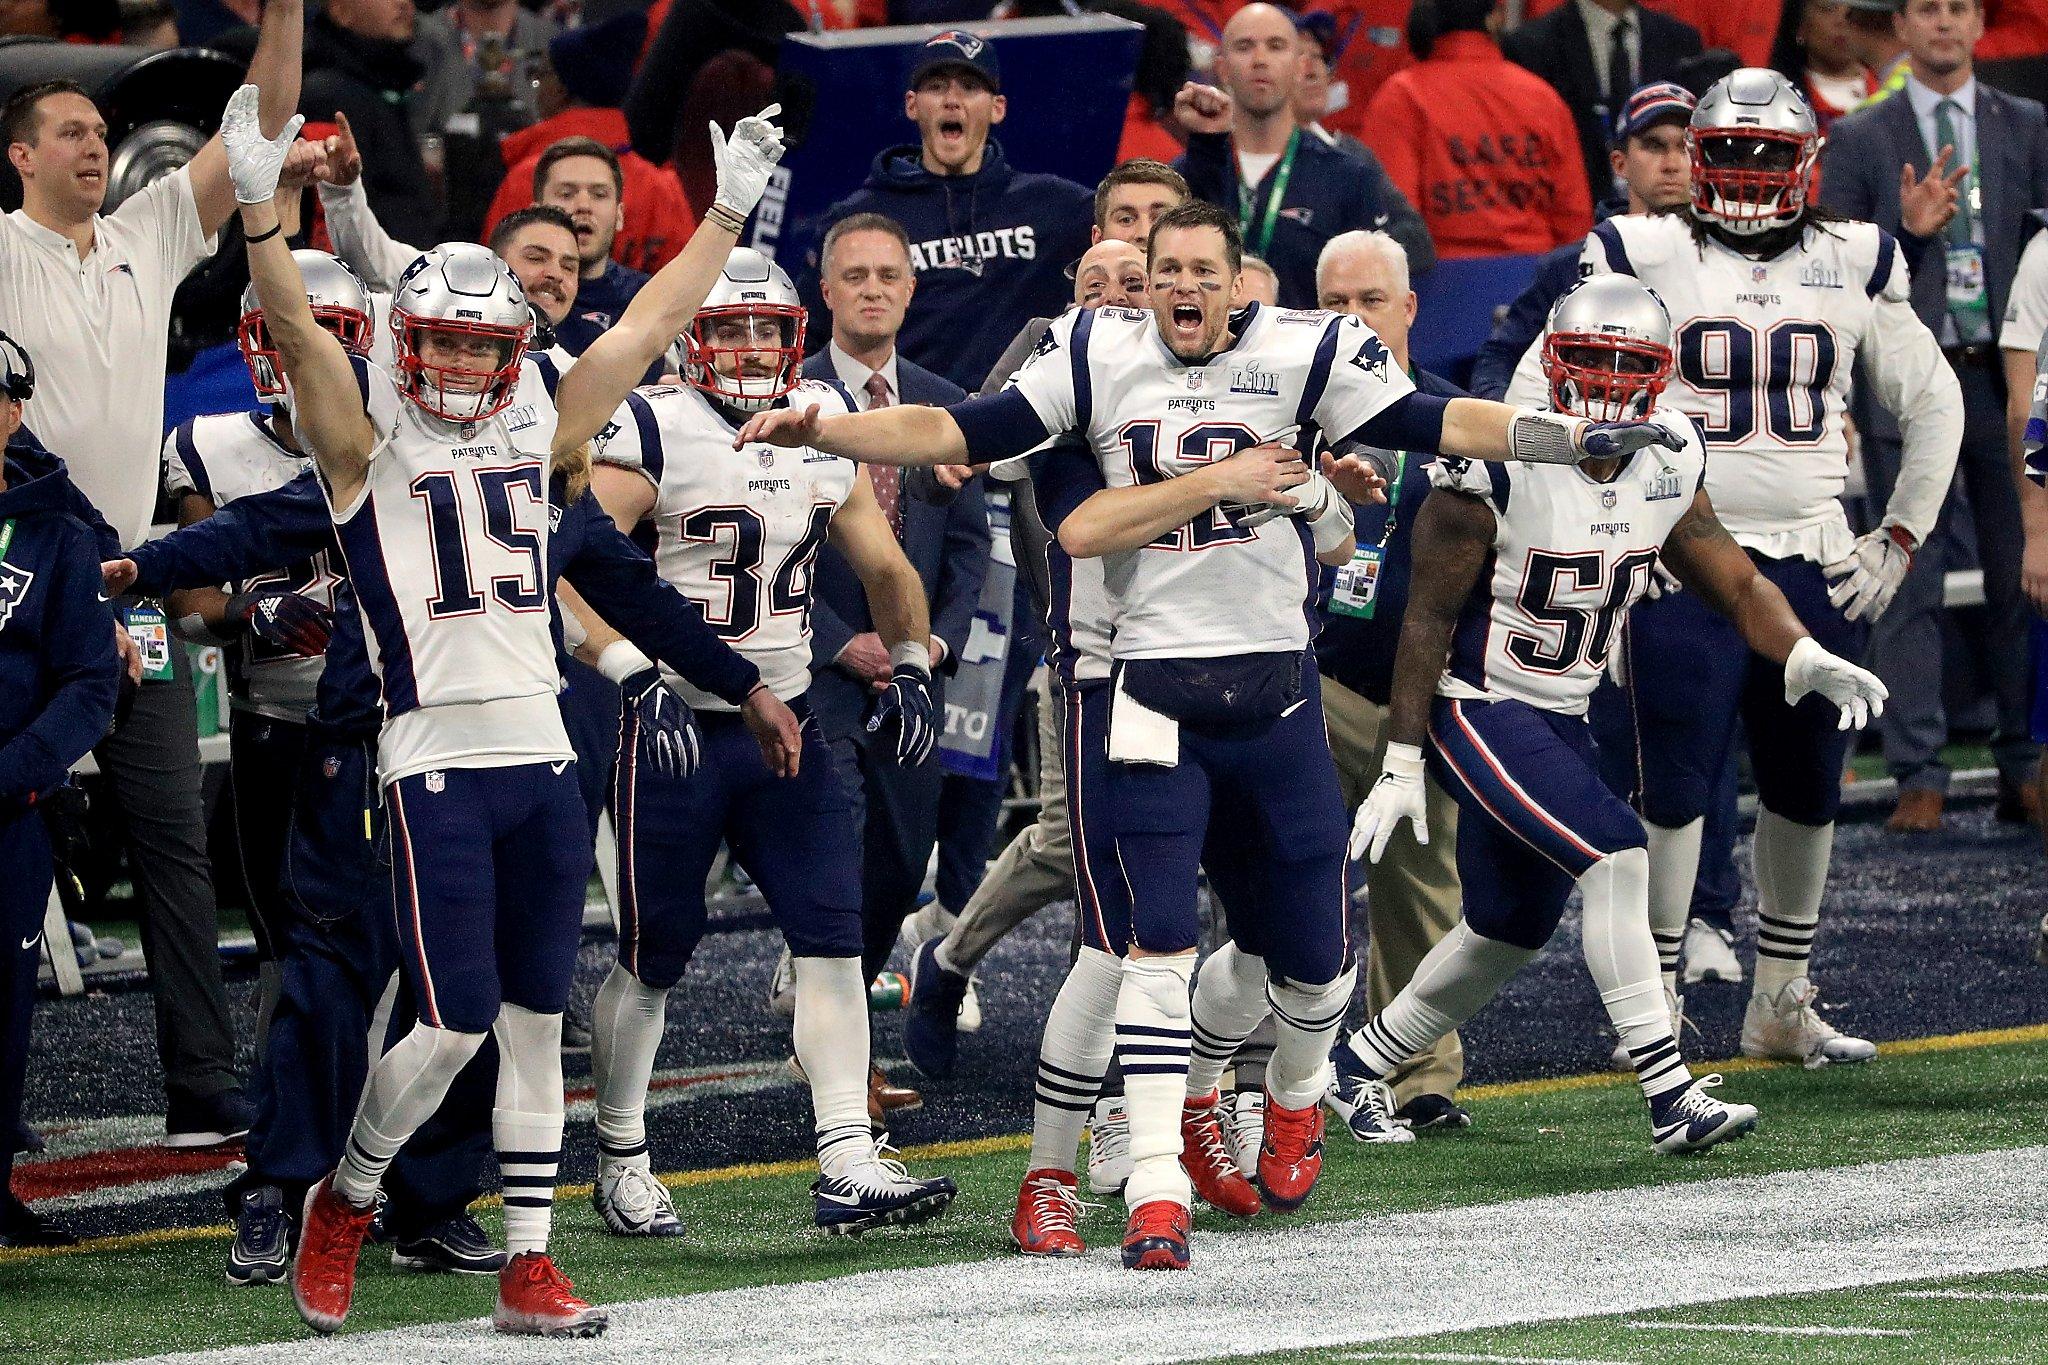 c2e73bd2e883ae The Latest  Patriots set Super Bowl records with 6th title - SFGate